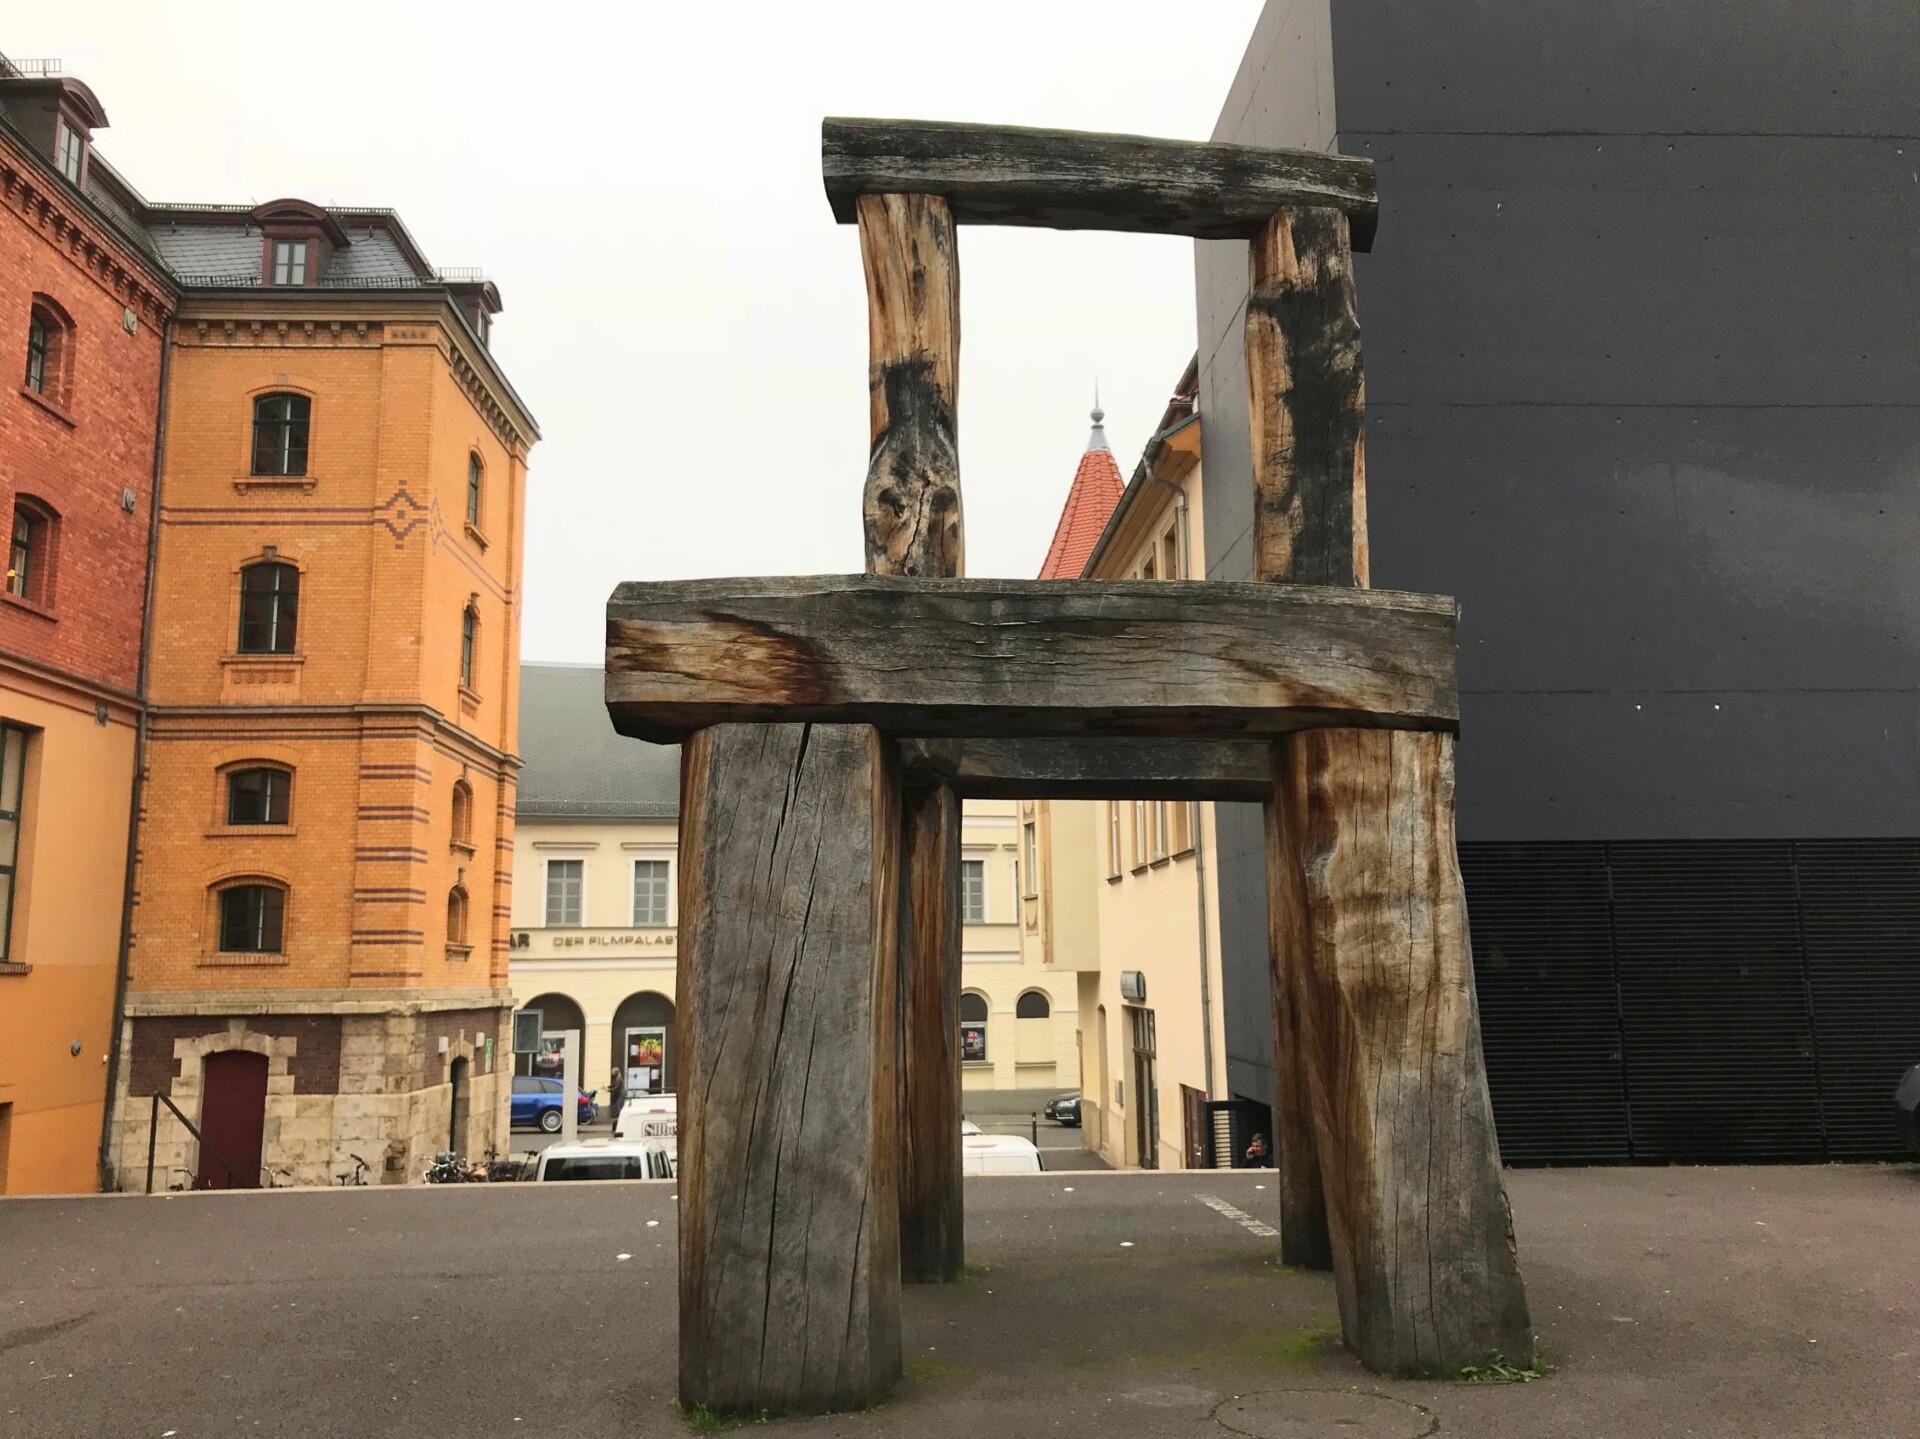 Tyske Weimar – en poetisk by og en smeltedigel af tysk historie